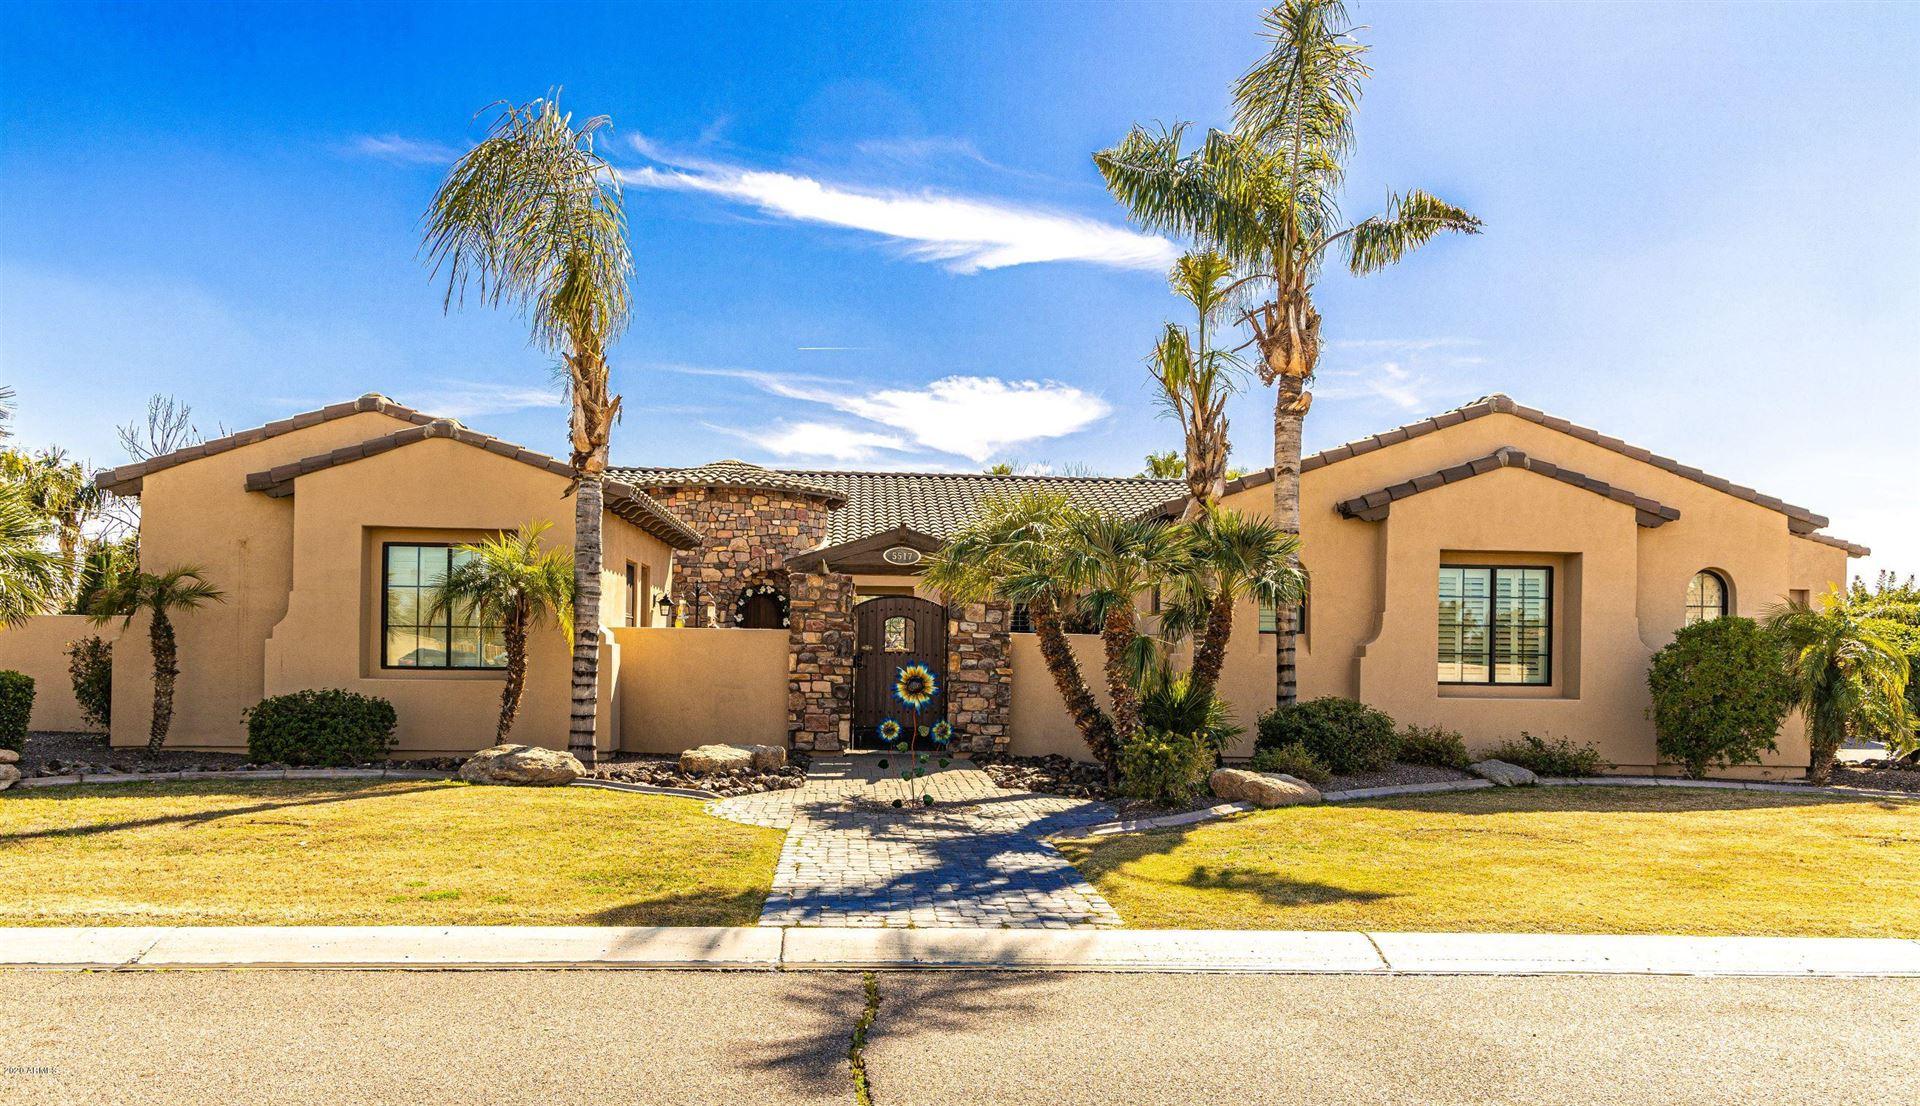 5517 W RIVIERA Drive, Glendale, AZ 85304 - #: 6037553